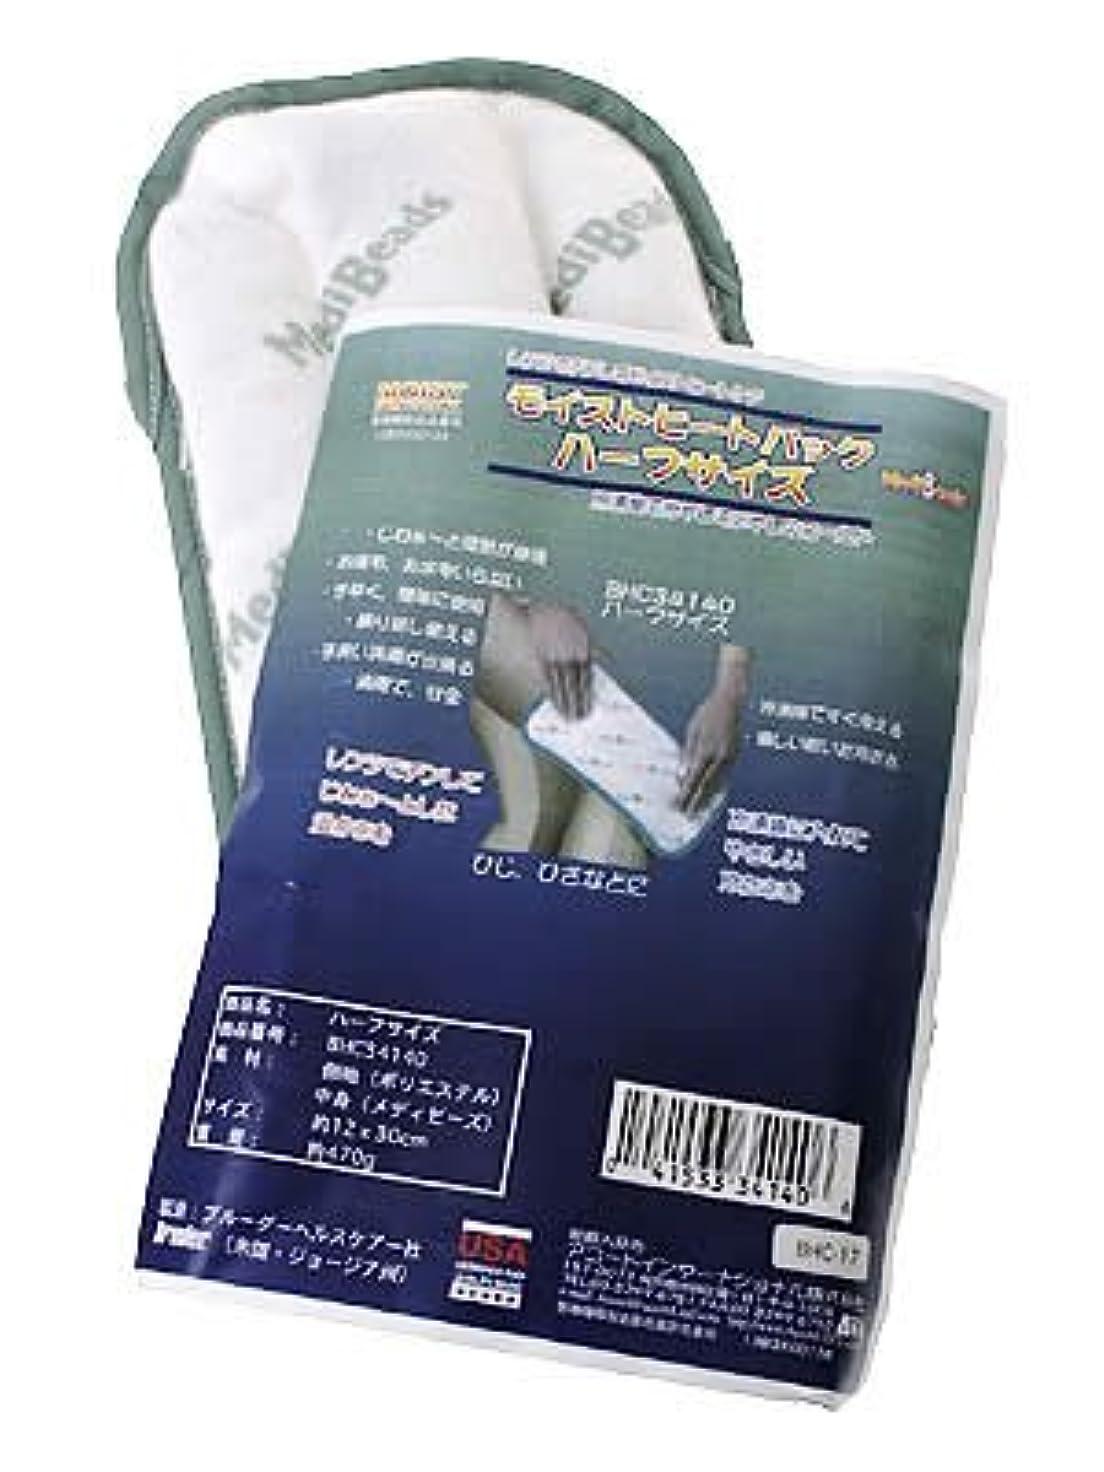 儀式洪水マラソン【一般医療機器】アコードインターナショナル (BHC34140) モイストヒートパック メディビーズ (ハーフサイズ) 12×30cm 温湿熱パック 温熱療法